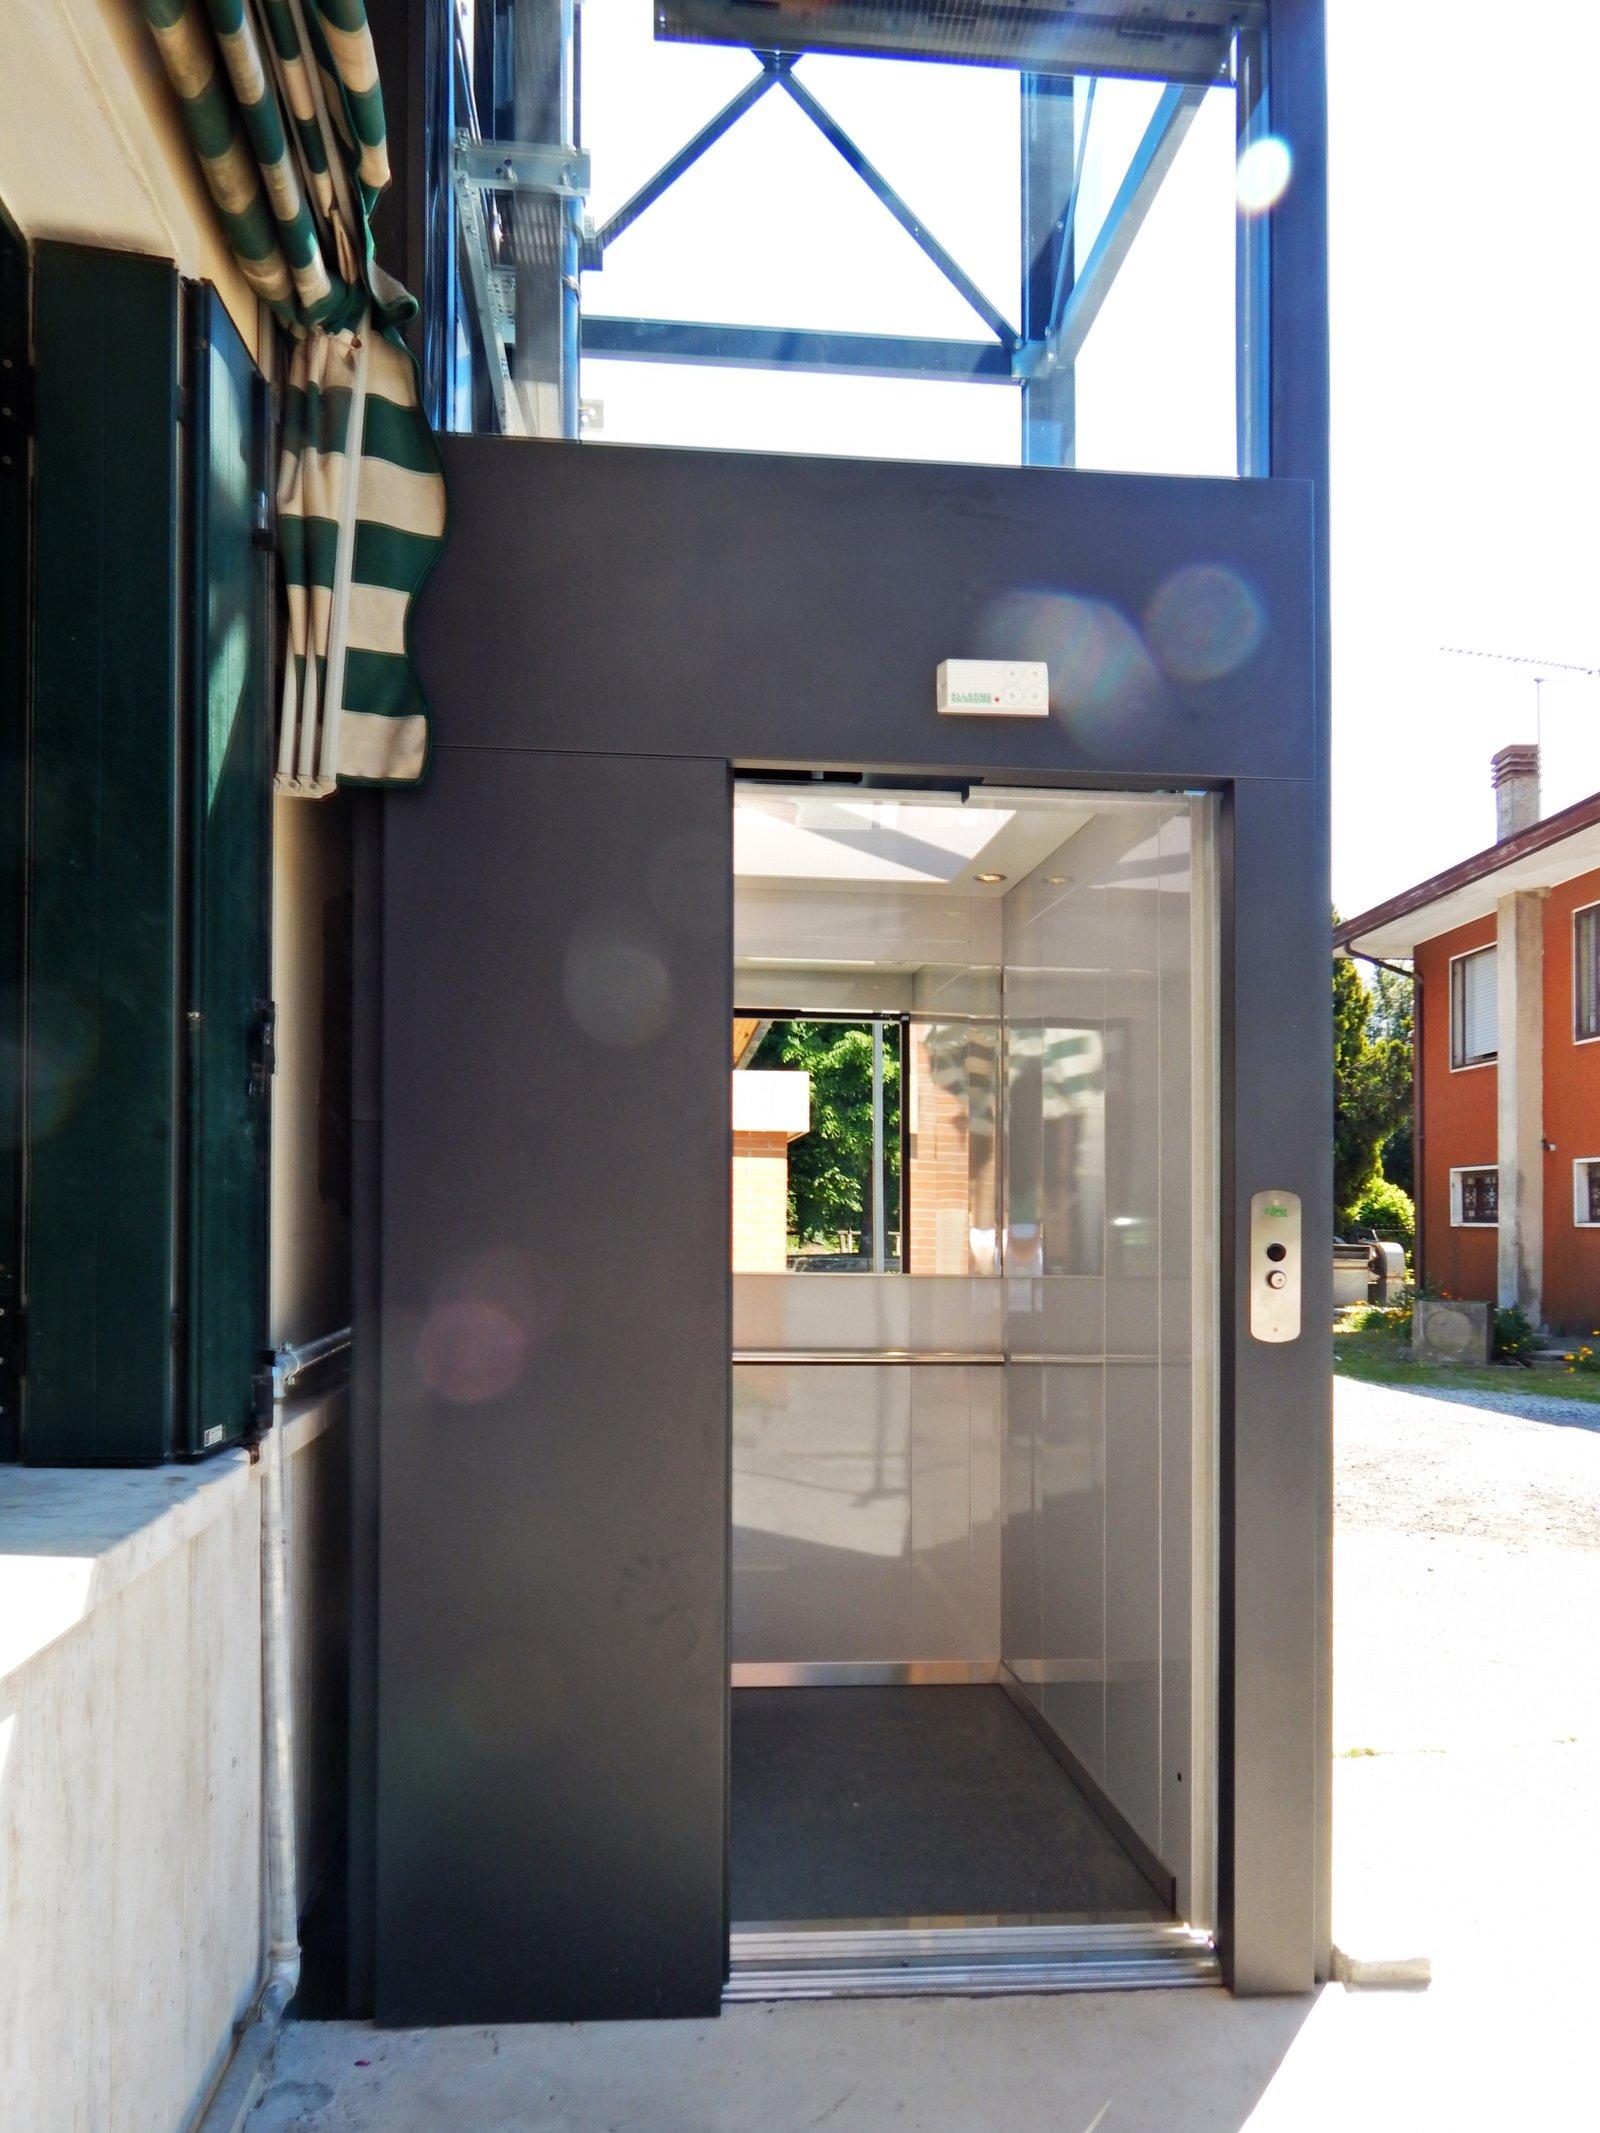 Installazione ascensore esterno a monselice - Ascensore in casa ...